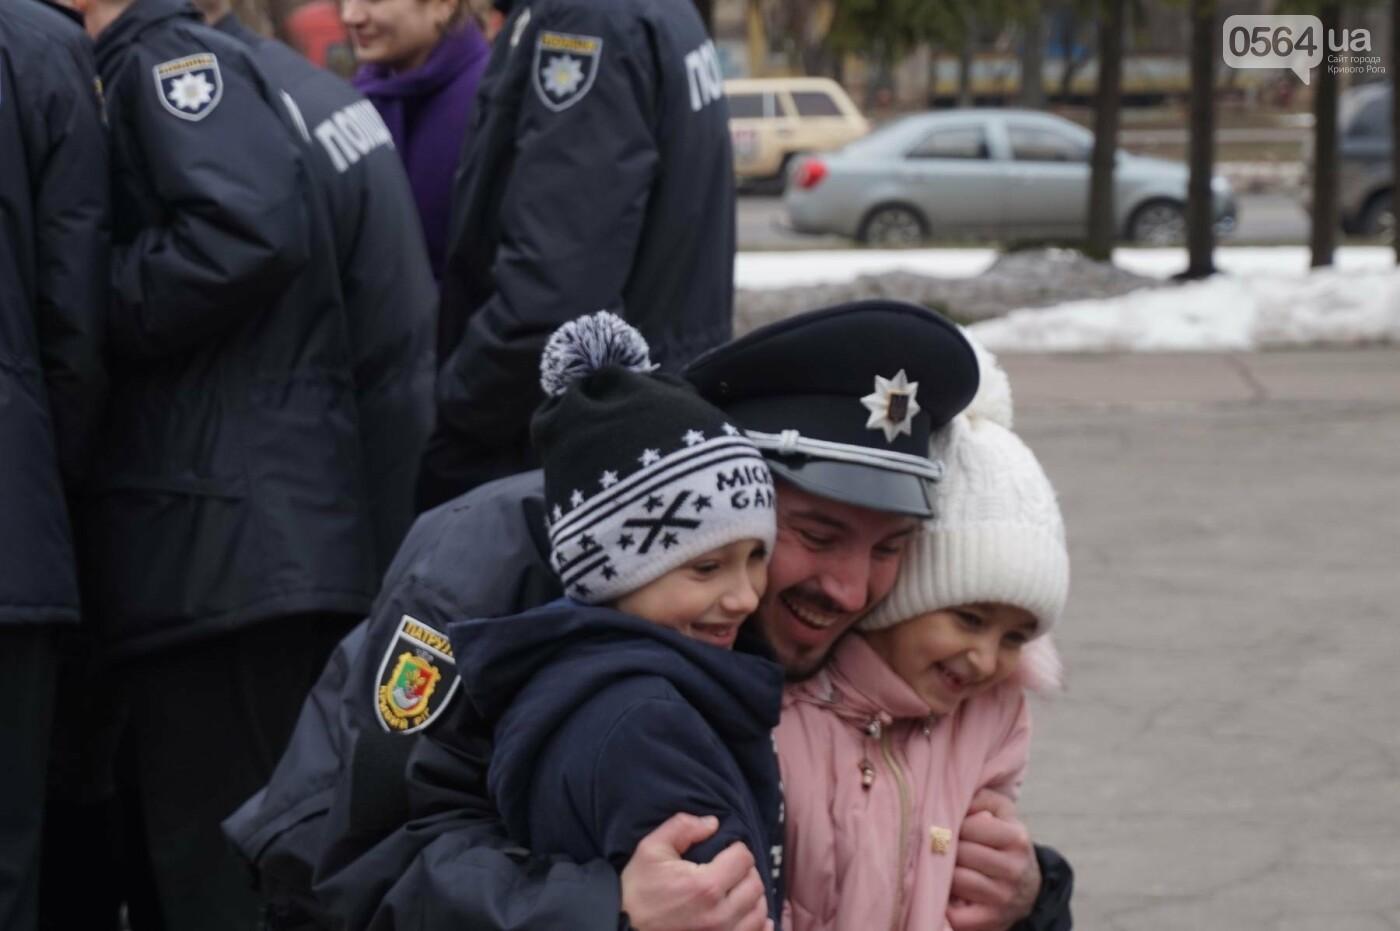 """""""Нет более достойной профессии, чем служить людям"""": в Кривом Роге 43 человека присягнули на верность народу Украины (ФОТО), фото-2"""